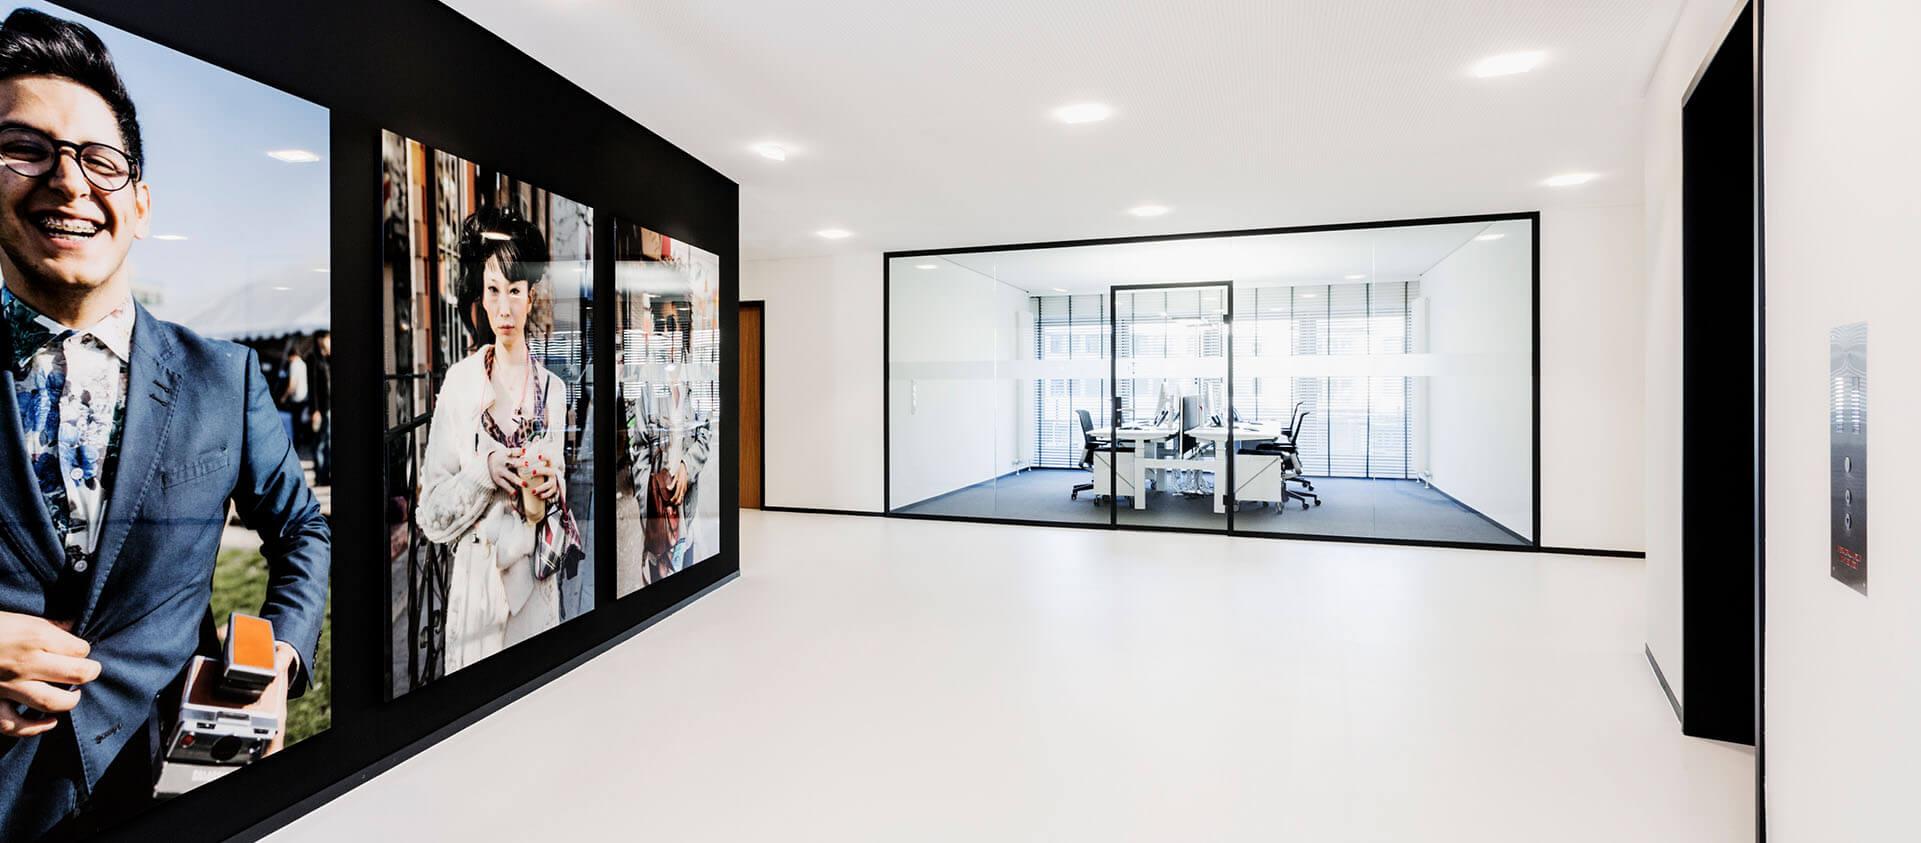 Bürogebäude geplant von Florian + Eberhard Horn, Eingangsbereich, Office, Aufzüge